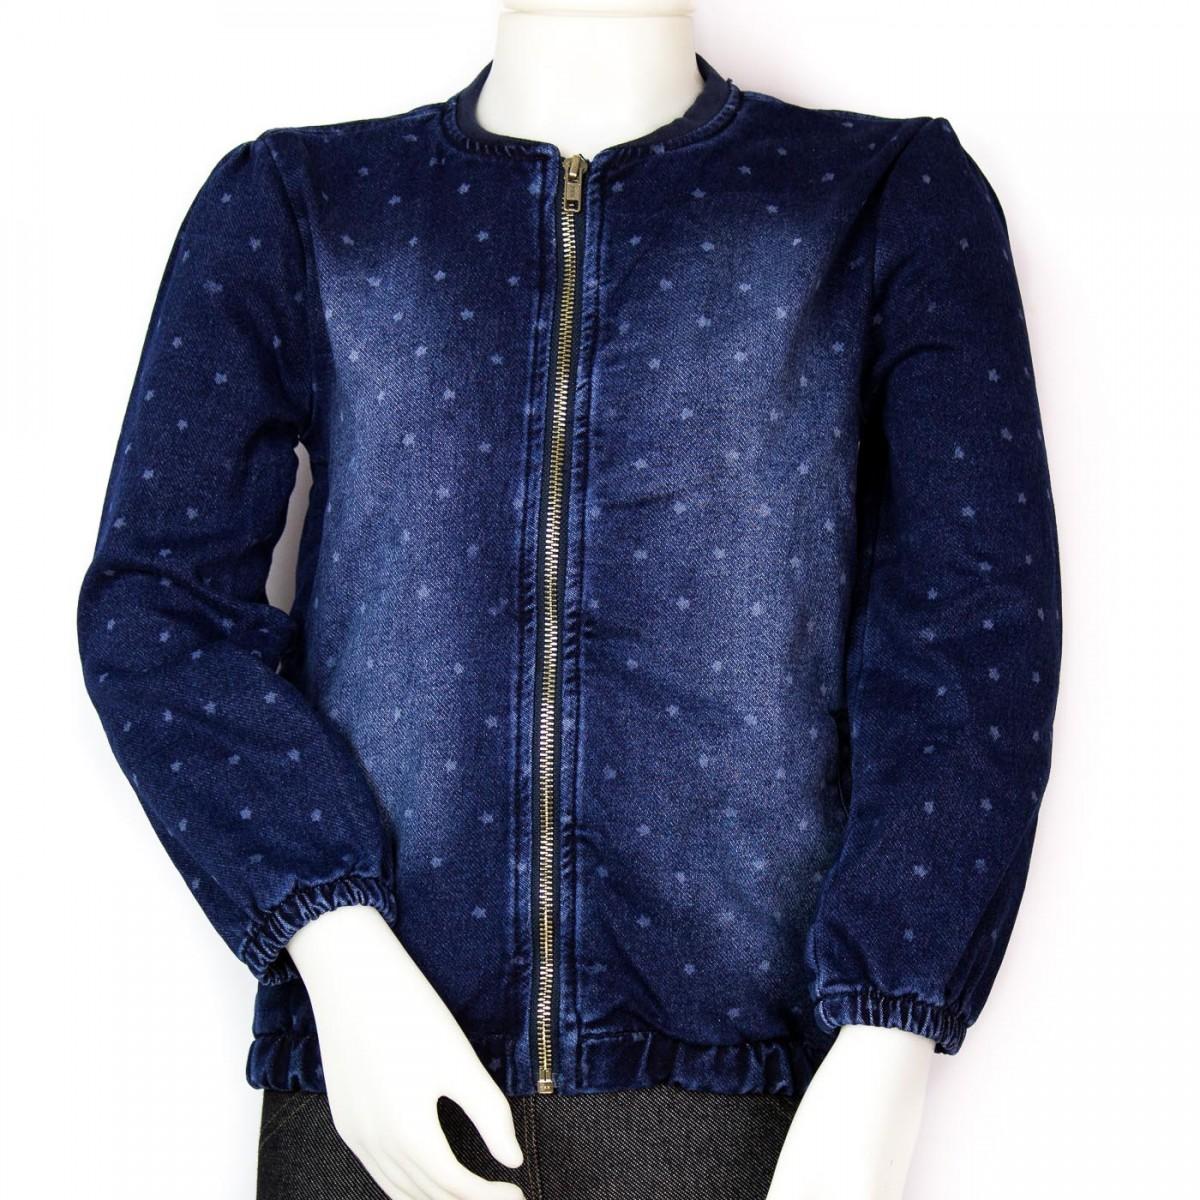 Bizz Store - Jaqueta Jeans Infantil Feminina Hering Kids Poá c718b7701f2